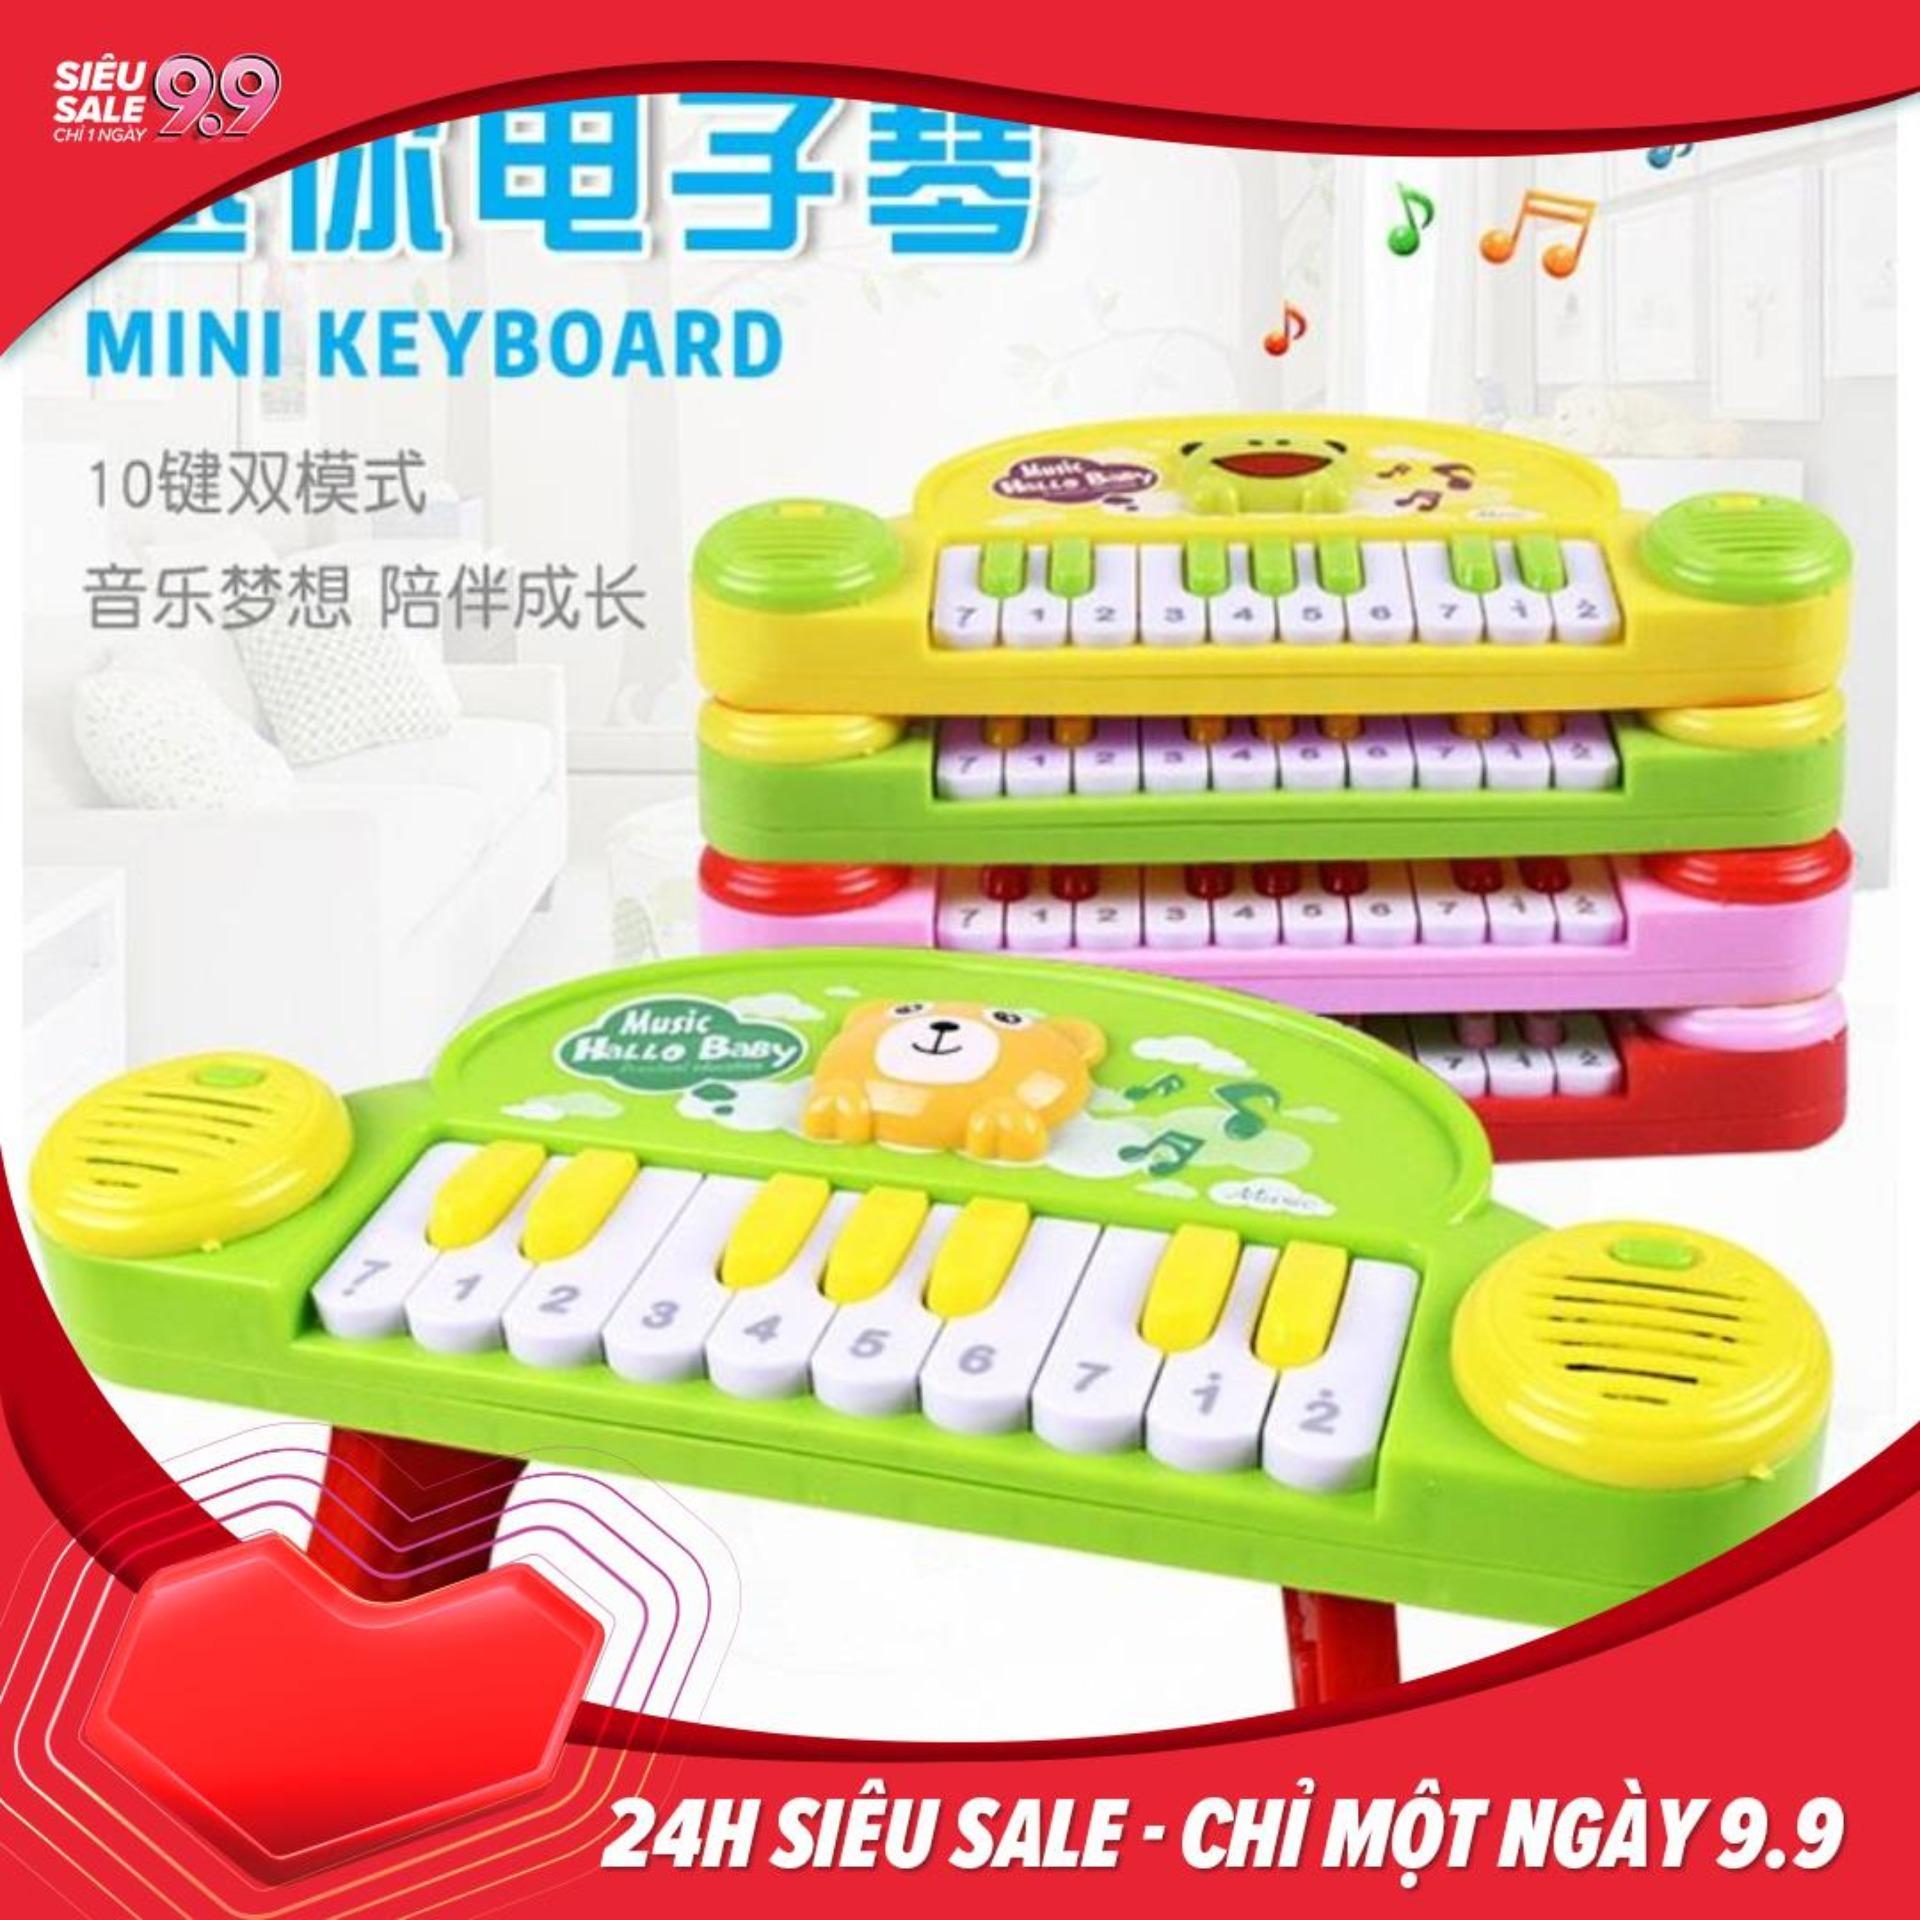 Đồ chơi đàn Piano mini cho bé có đèn và âm thanh kích thích não phát triển trí thông minh Nhật Bản